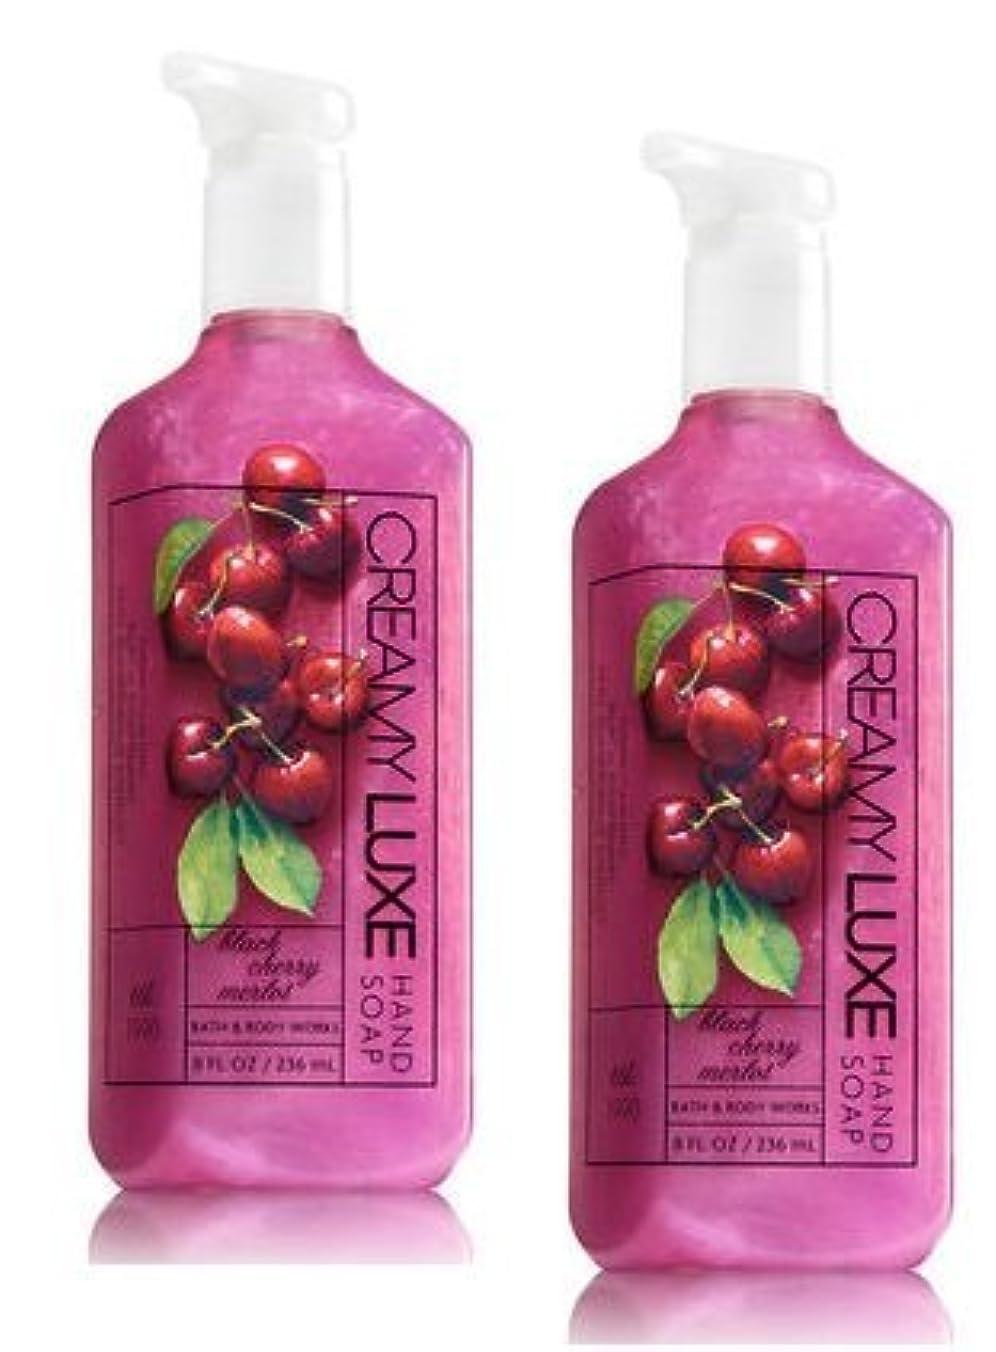 環境に優しい不合格スカーフBath & Body Works ブラックチェリーメルロー クリーミー リュクス ハンドソープ 2本セット BLACK CHERRY MERLOT Creamy Luxe Hand Soap. 8 oz 236ml [...